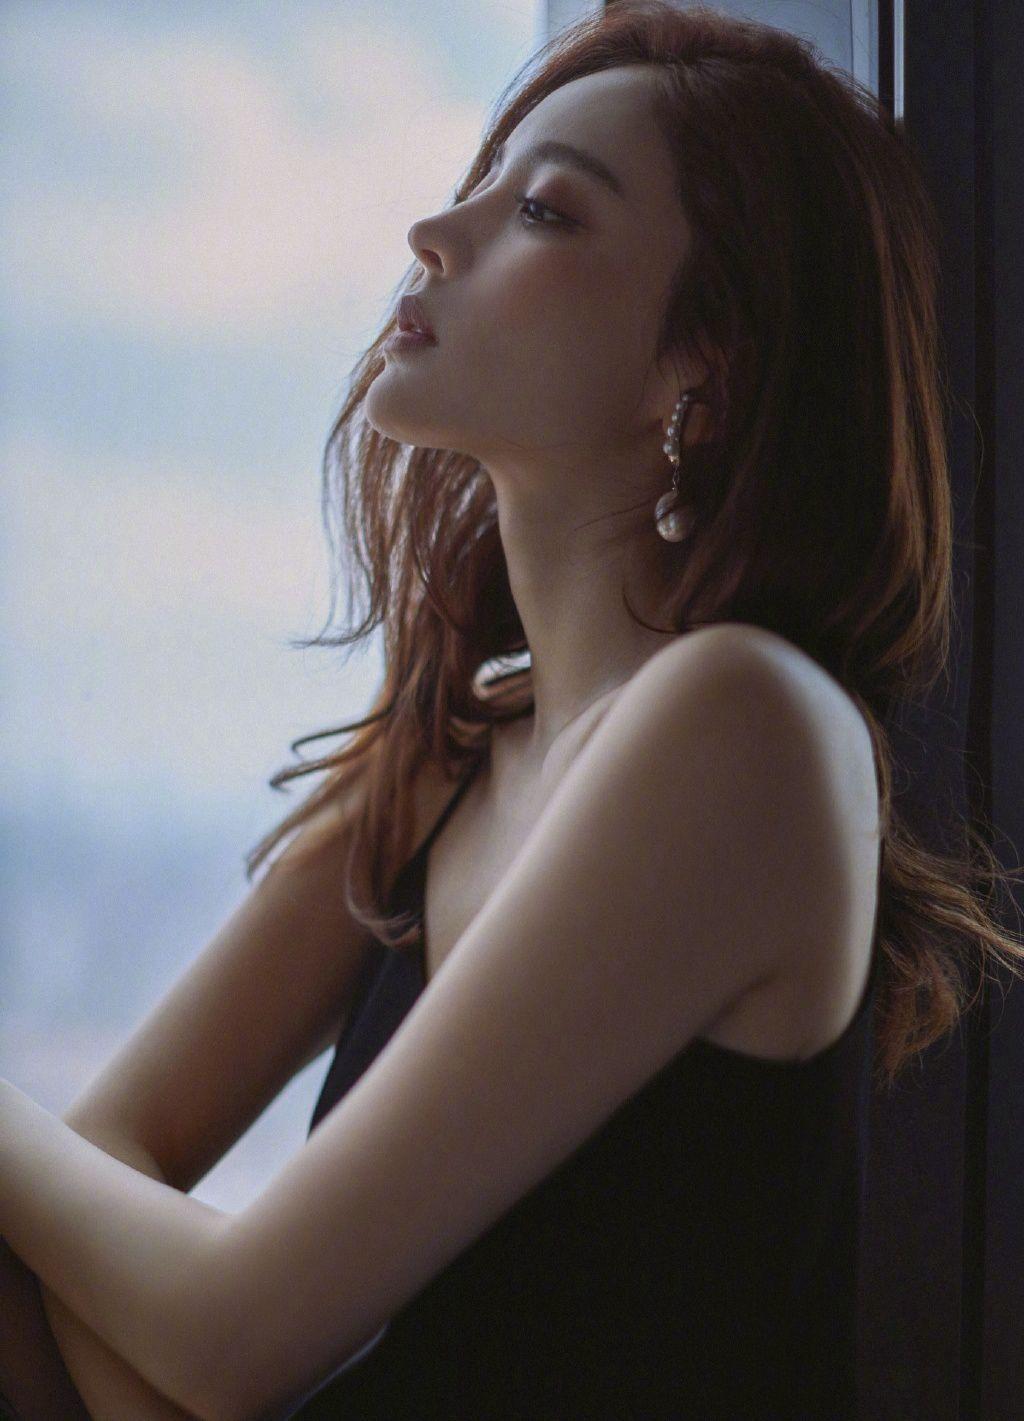 古力娜扎黑色吊带背心性感慵懒居家床上写真图片